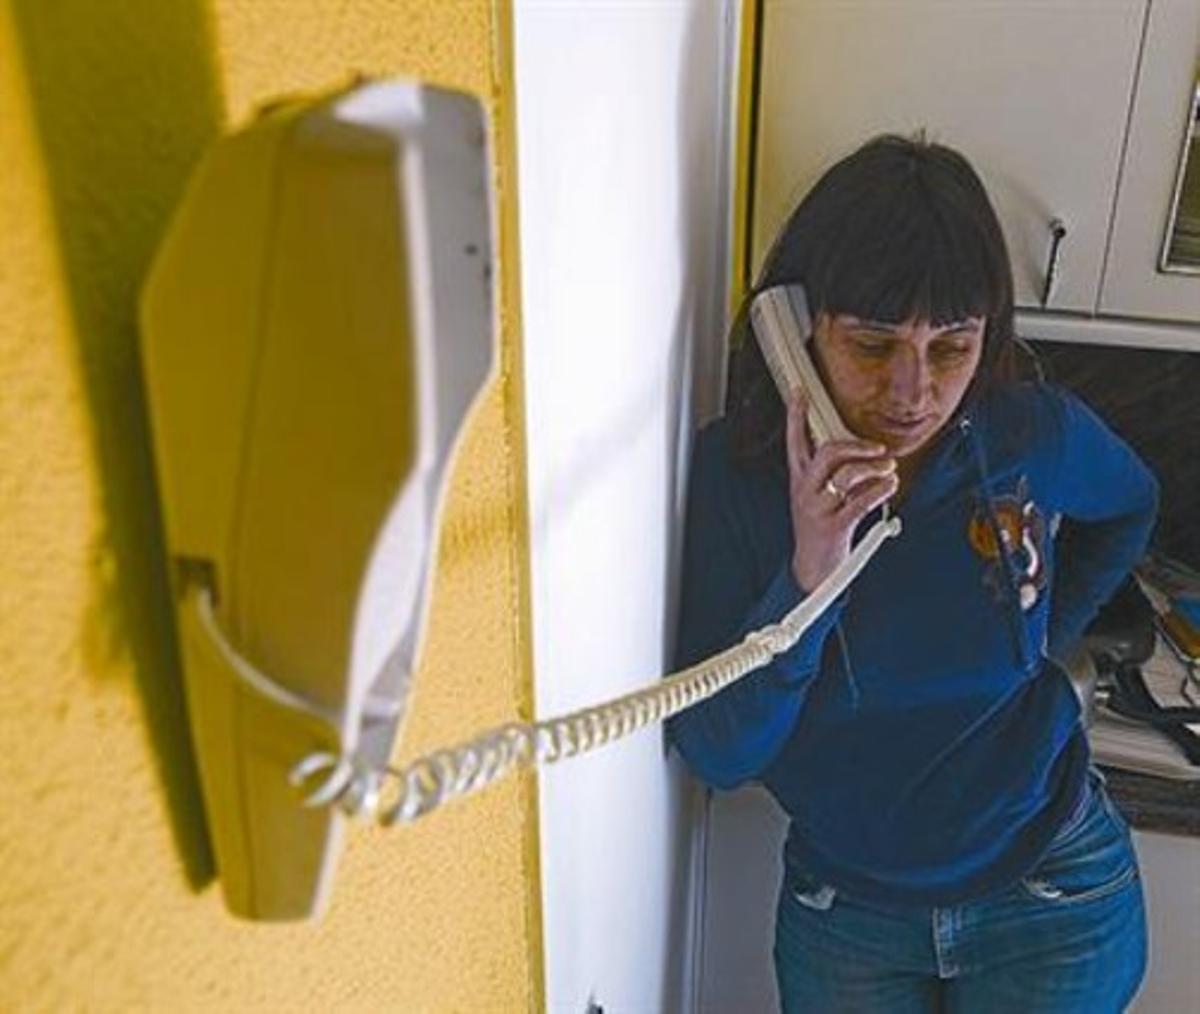 Una mujer habla utilizando un teléfono fijo.